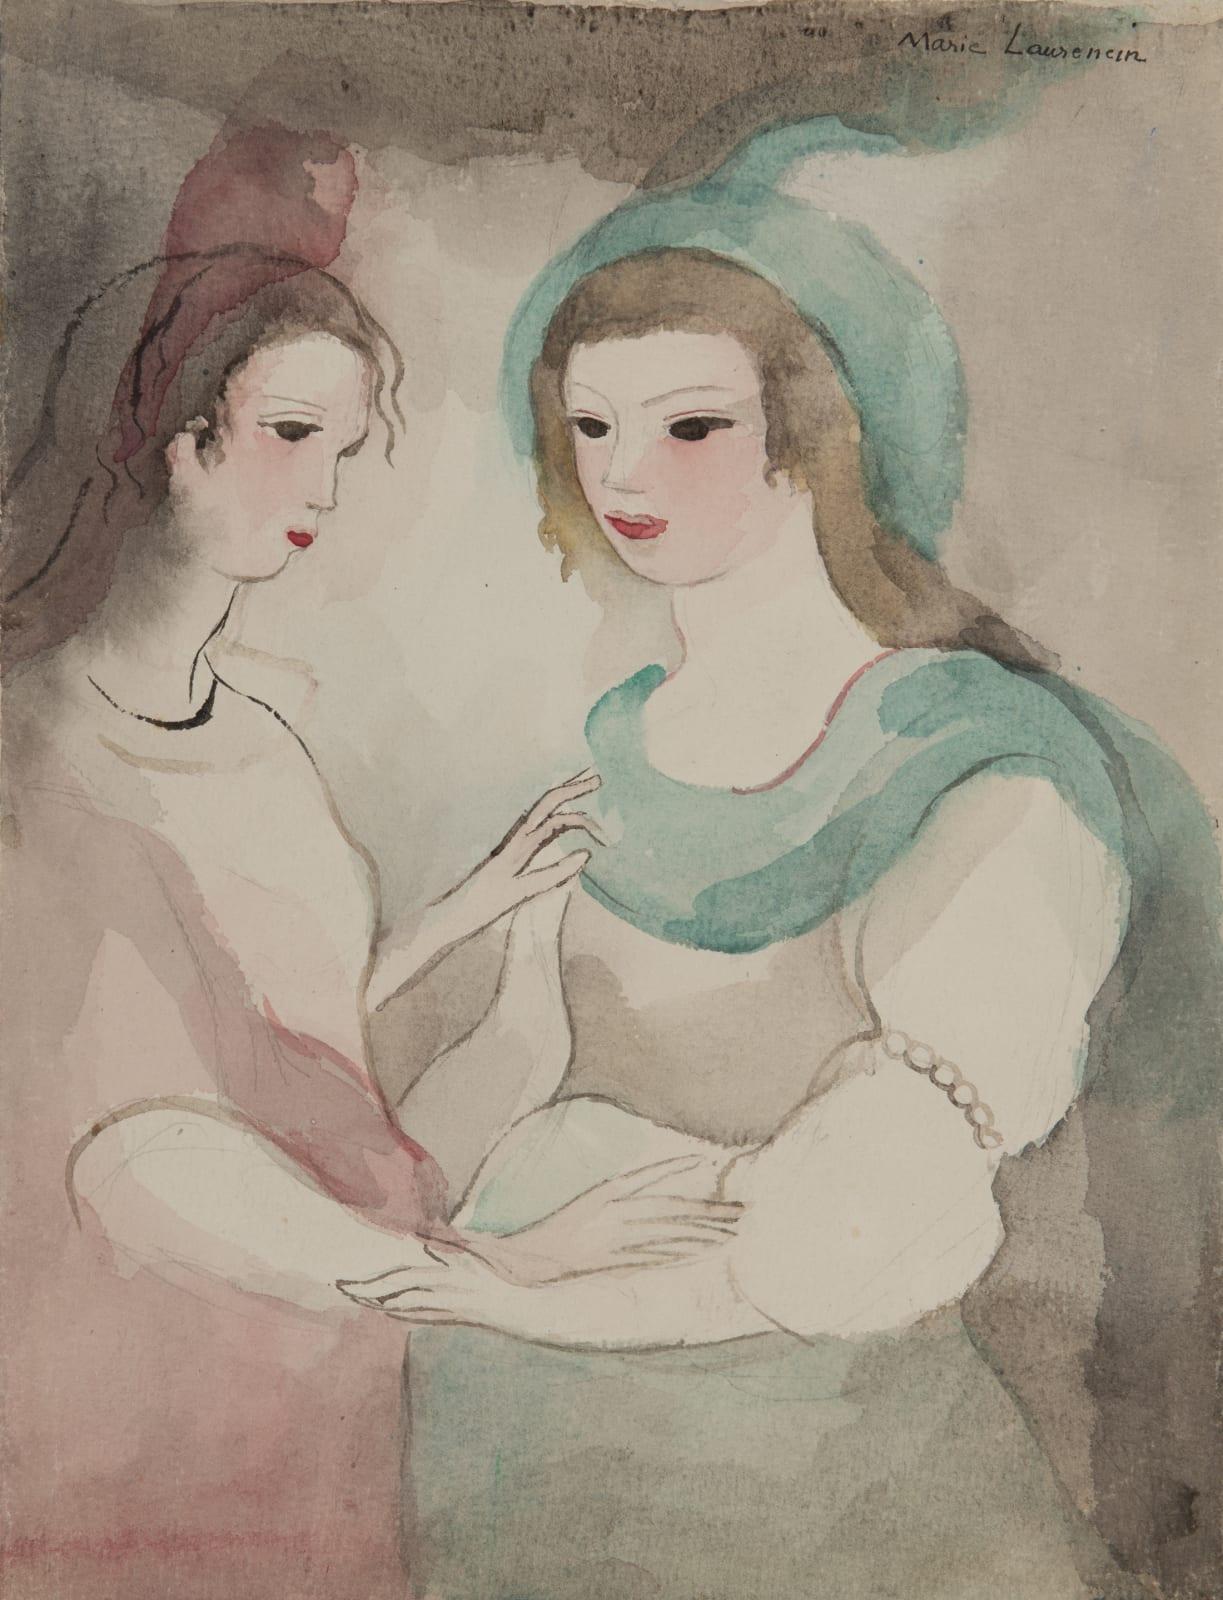 MARIE LAURENCIN, Les deux amies, 1949